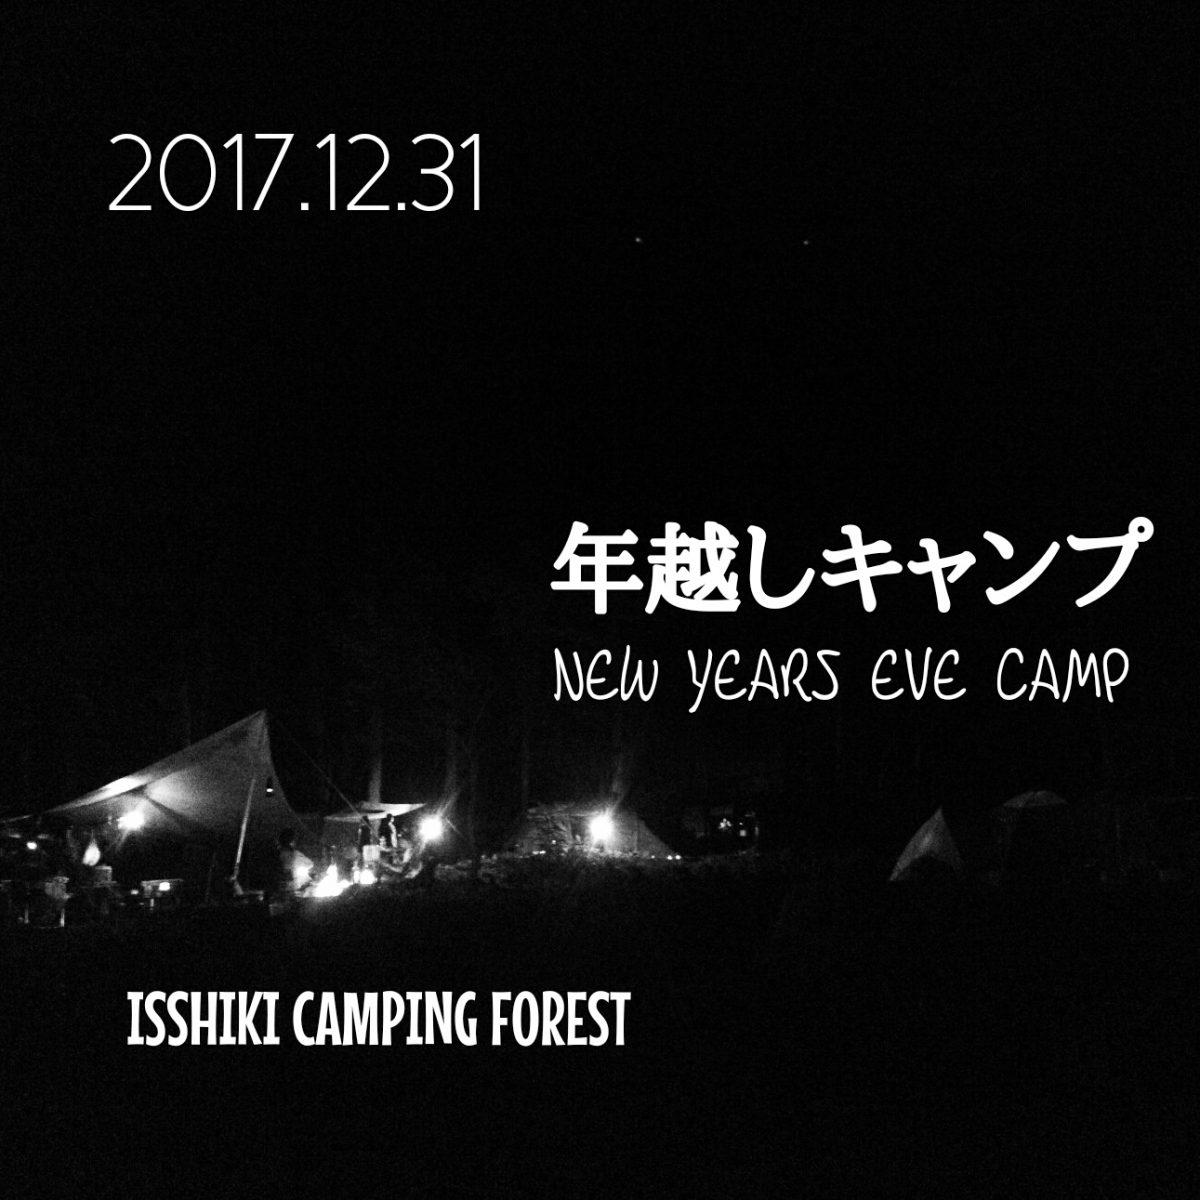 大晦日☆年越しCAMP!